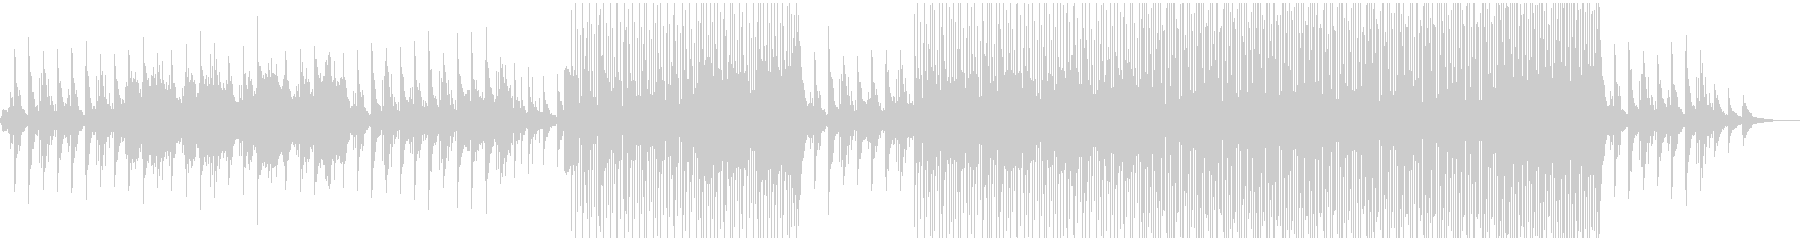 優しいピアノとストリングスのプレリュードの未再生の波形